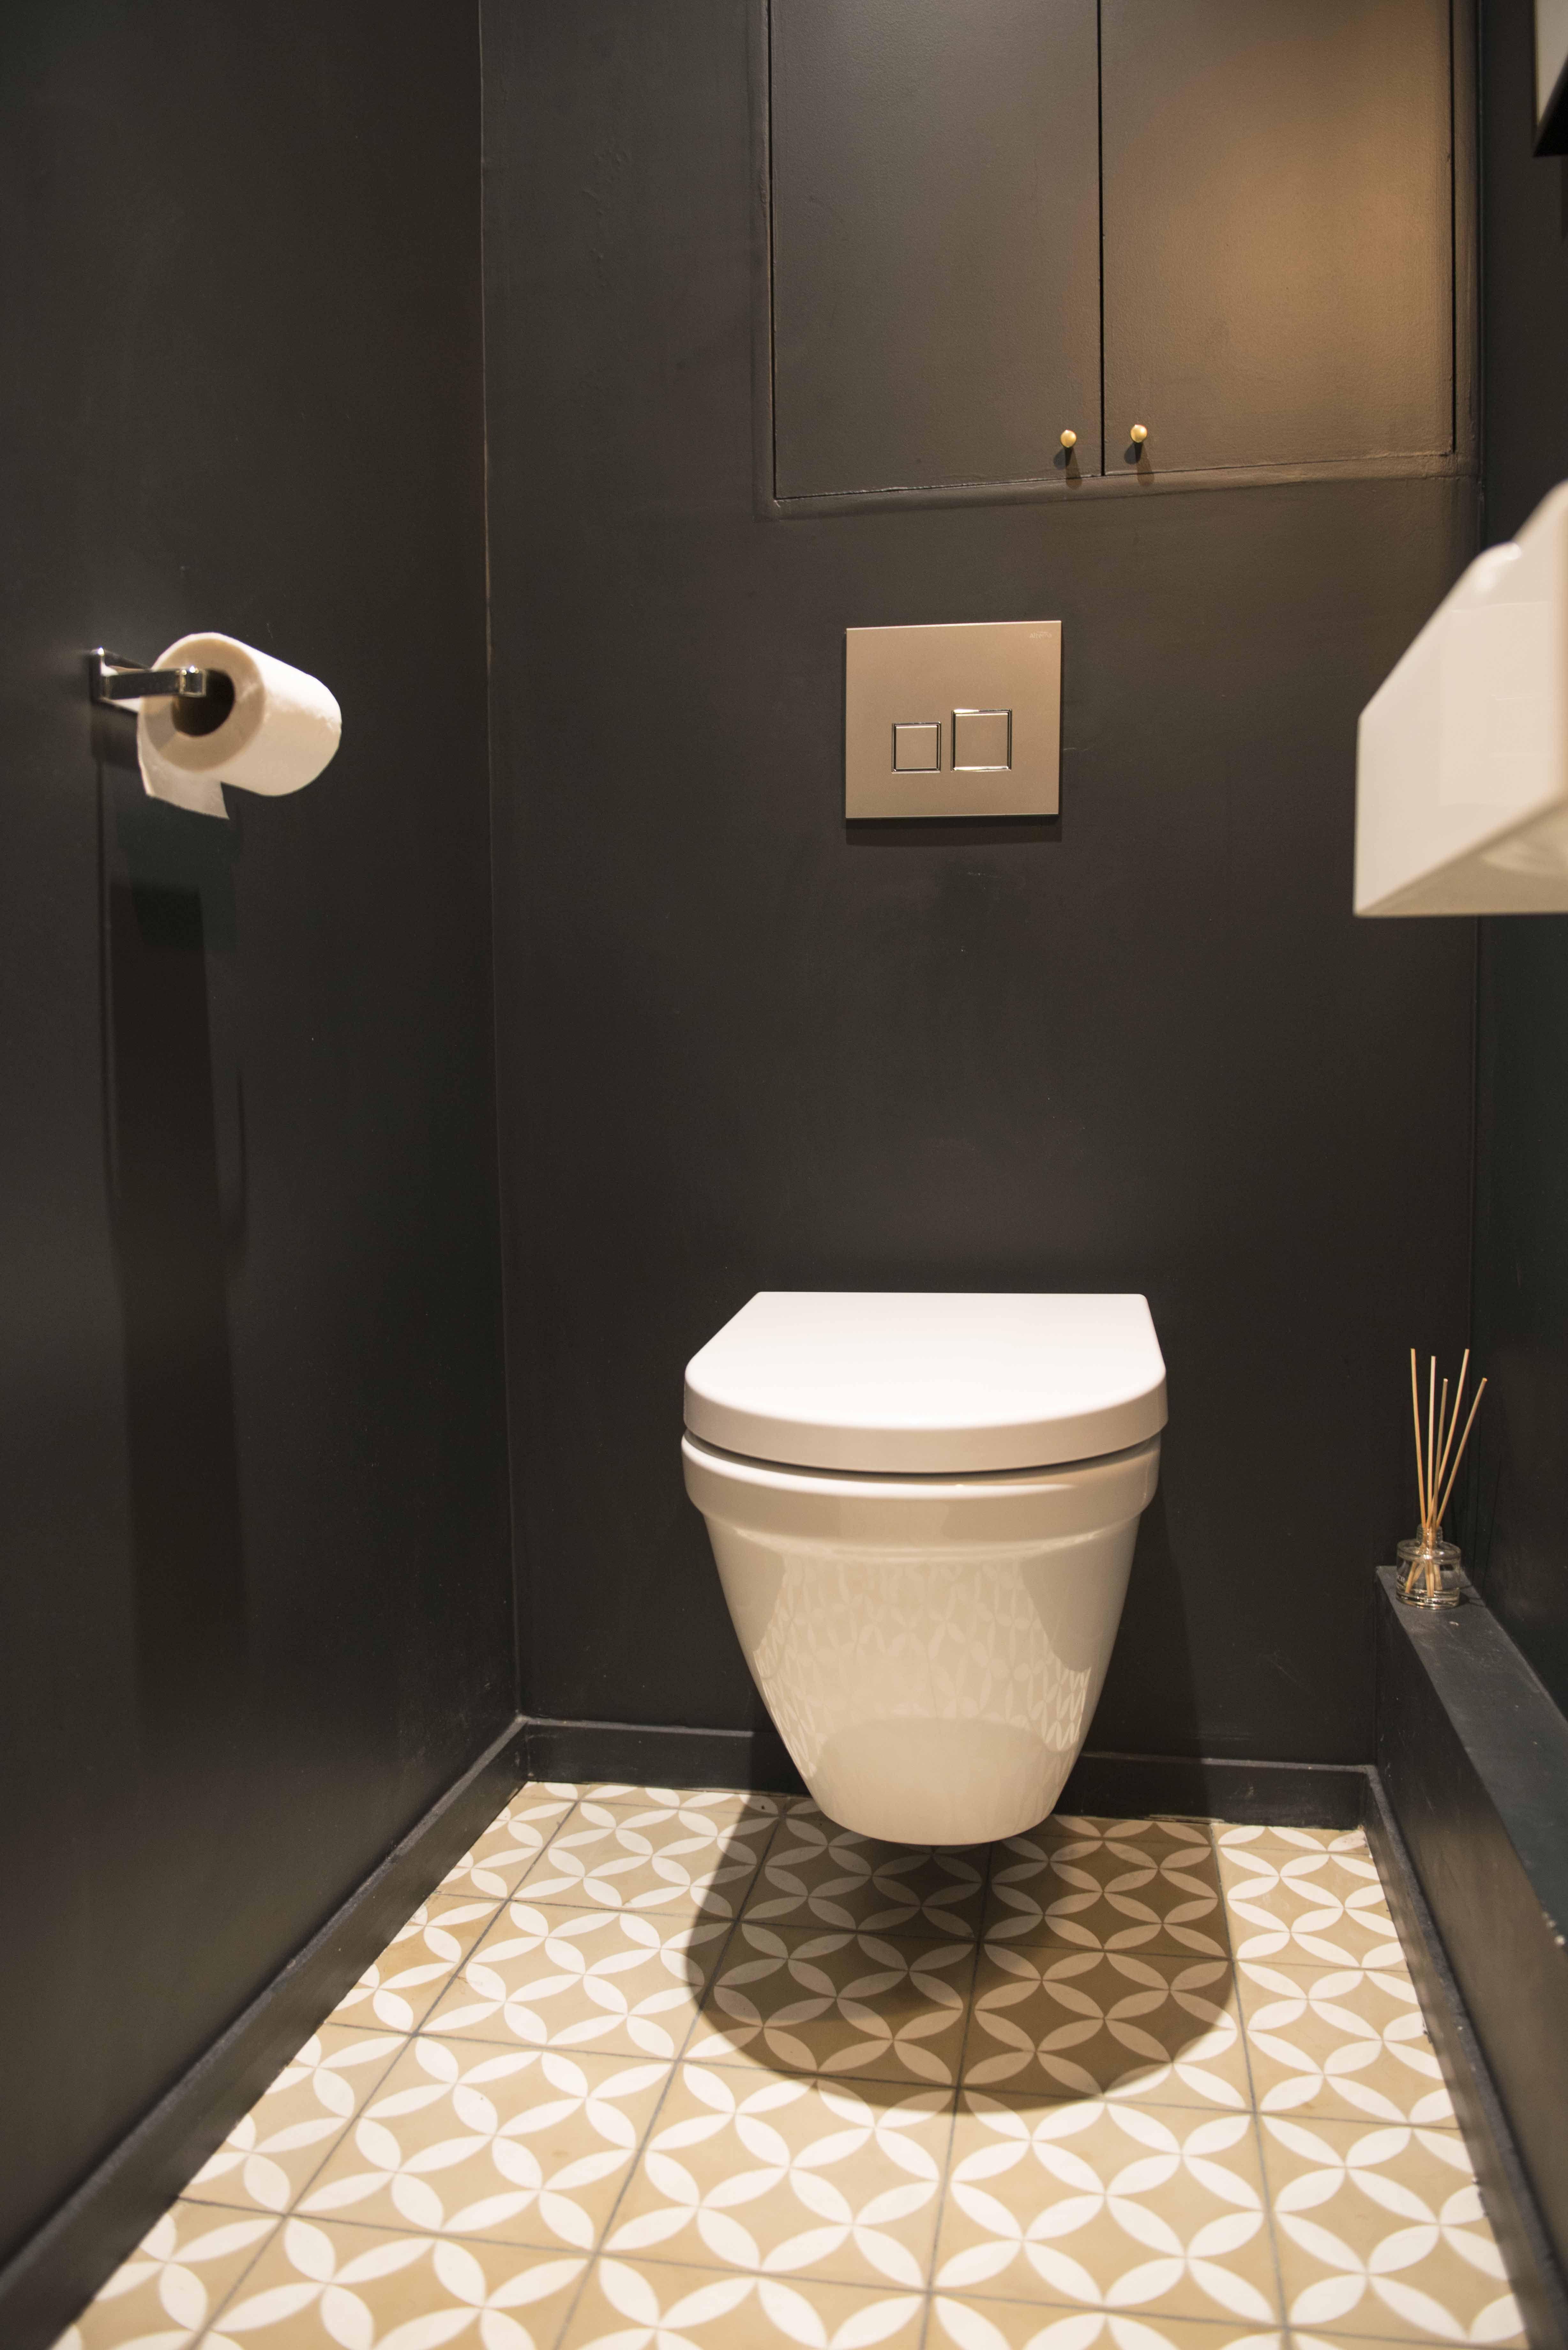 Cloakroom ideas Un vritable cabinet sobre et